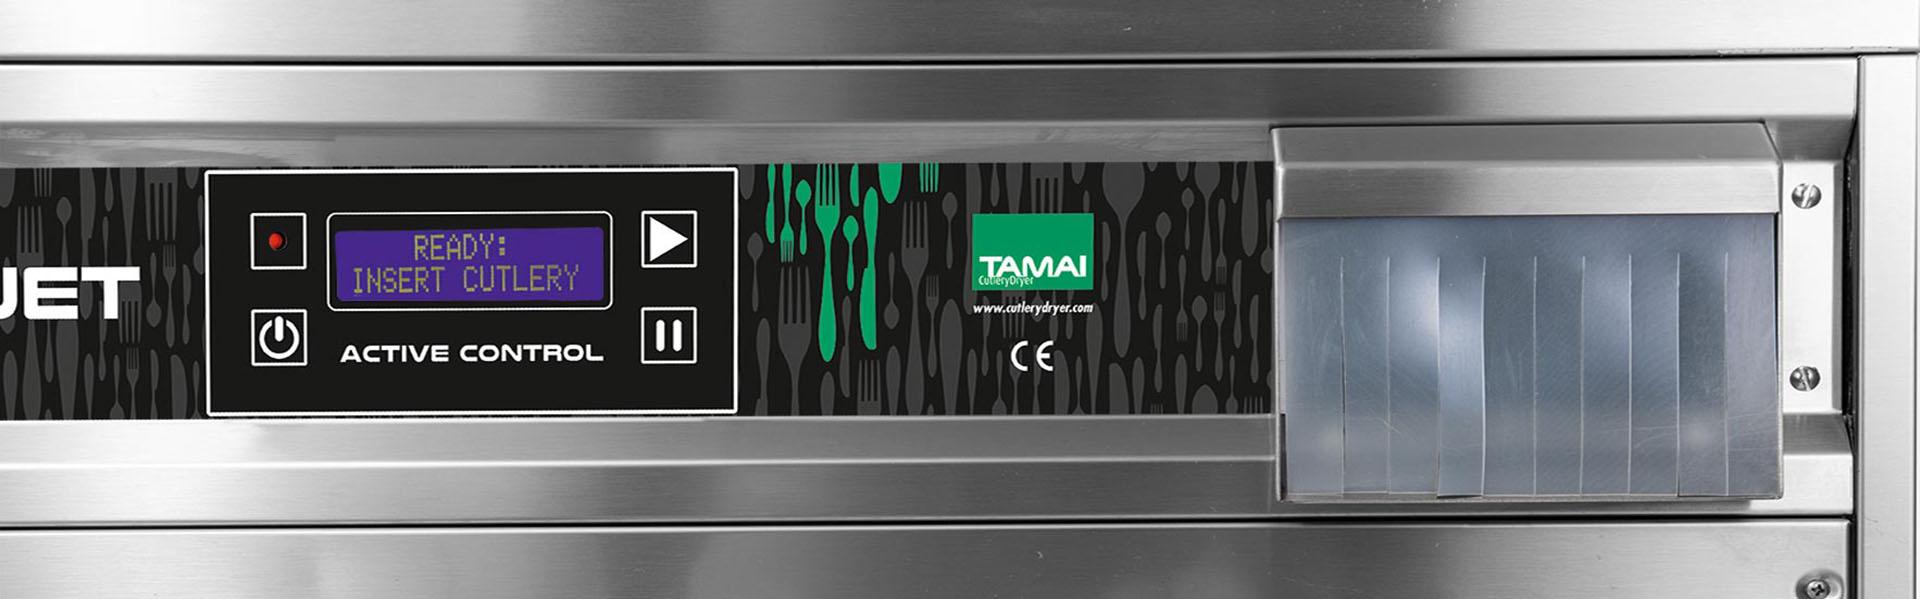 secadores de cubiertos Tamai